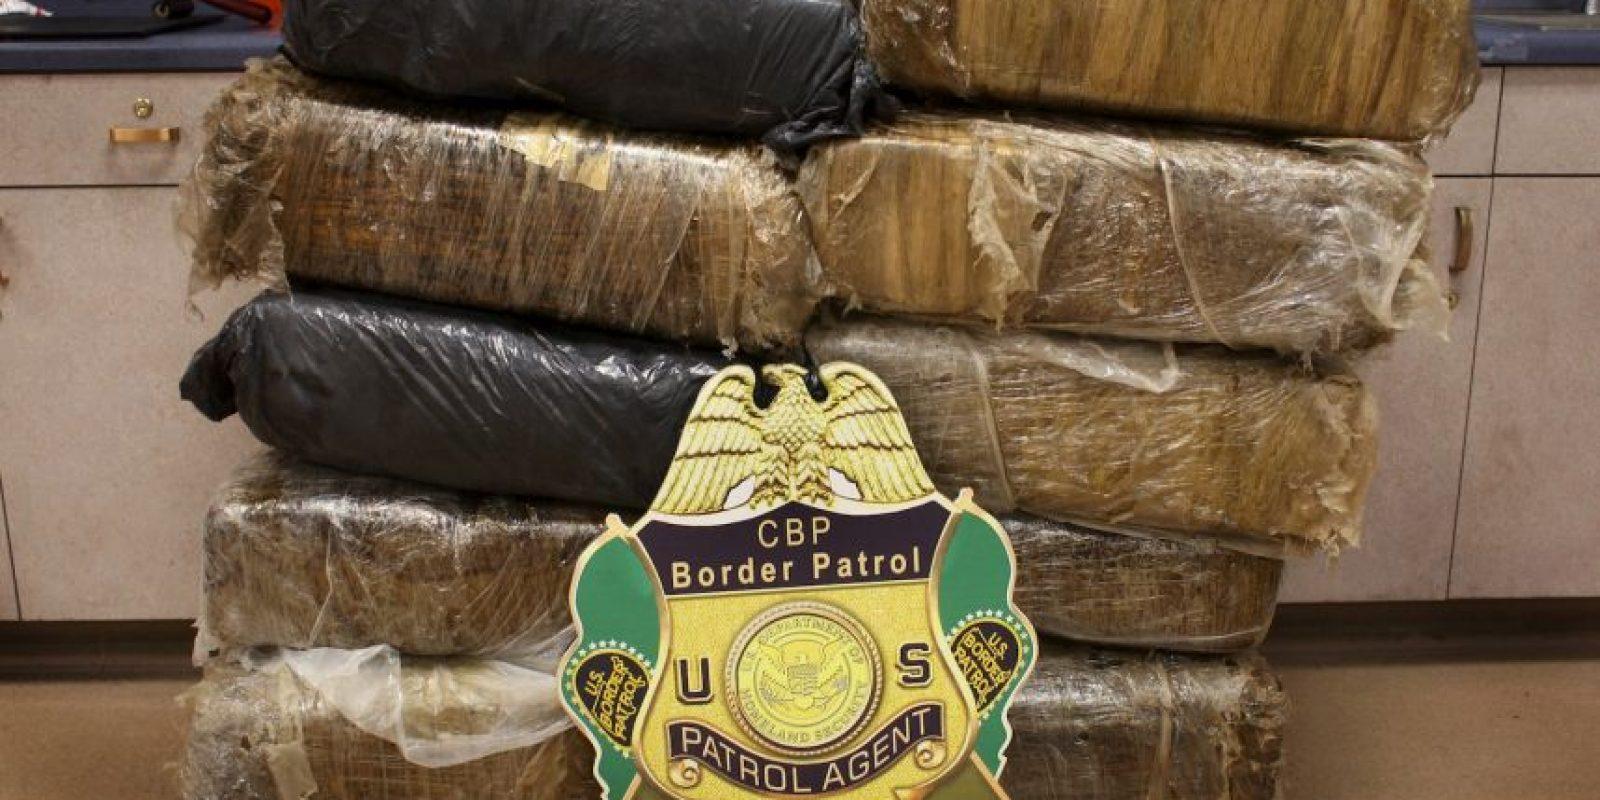 Pero no todo está perdido para los cárteles, porque la legalización de la marihuana les ha llevado a diversificar sus operaciones y a intensificar el tráfico de otras drogas a los Estados Unidos Foto:Getty